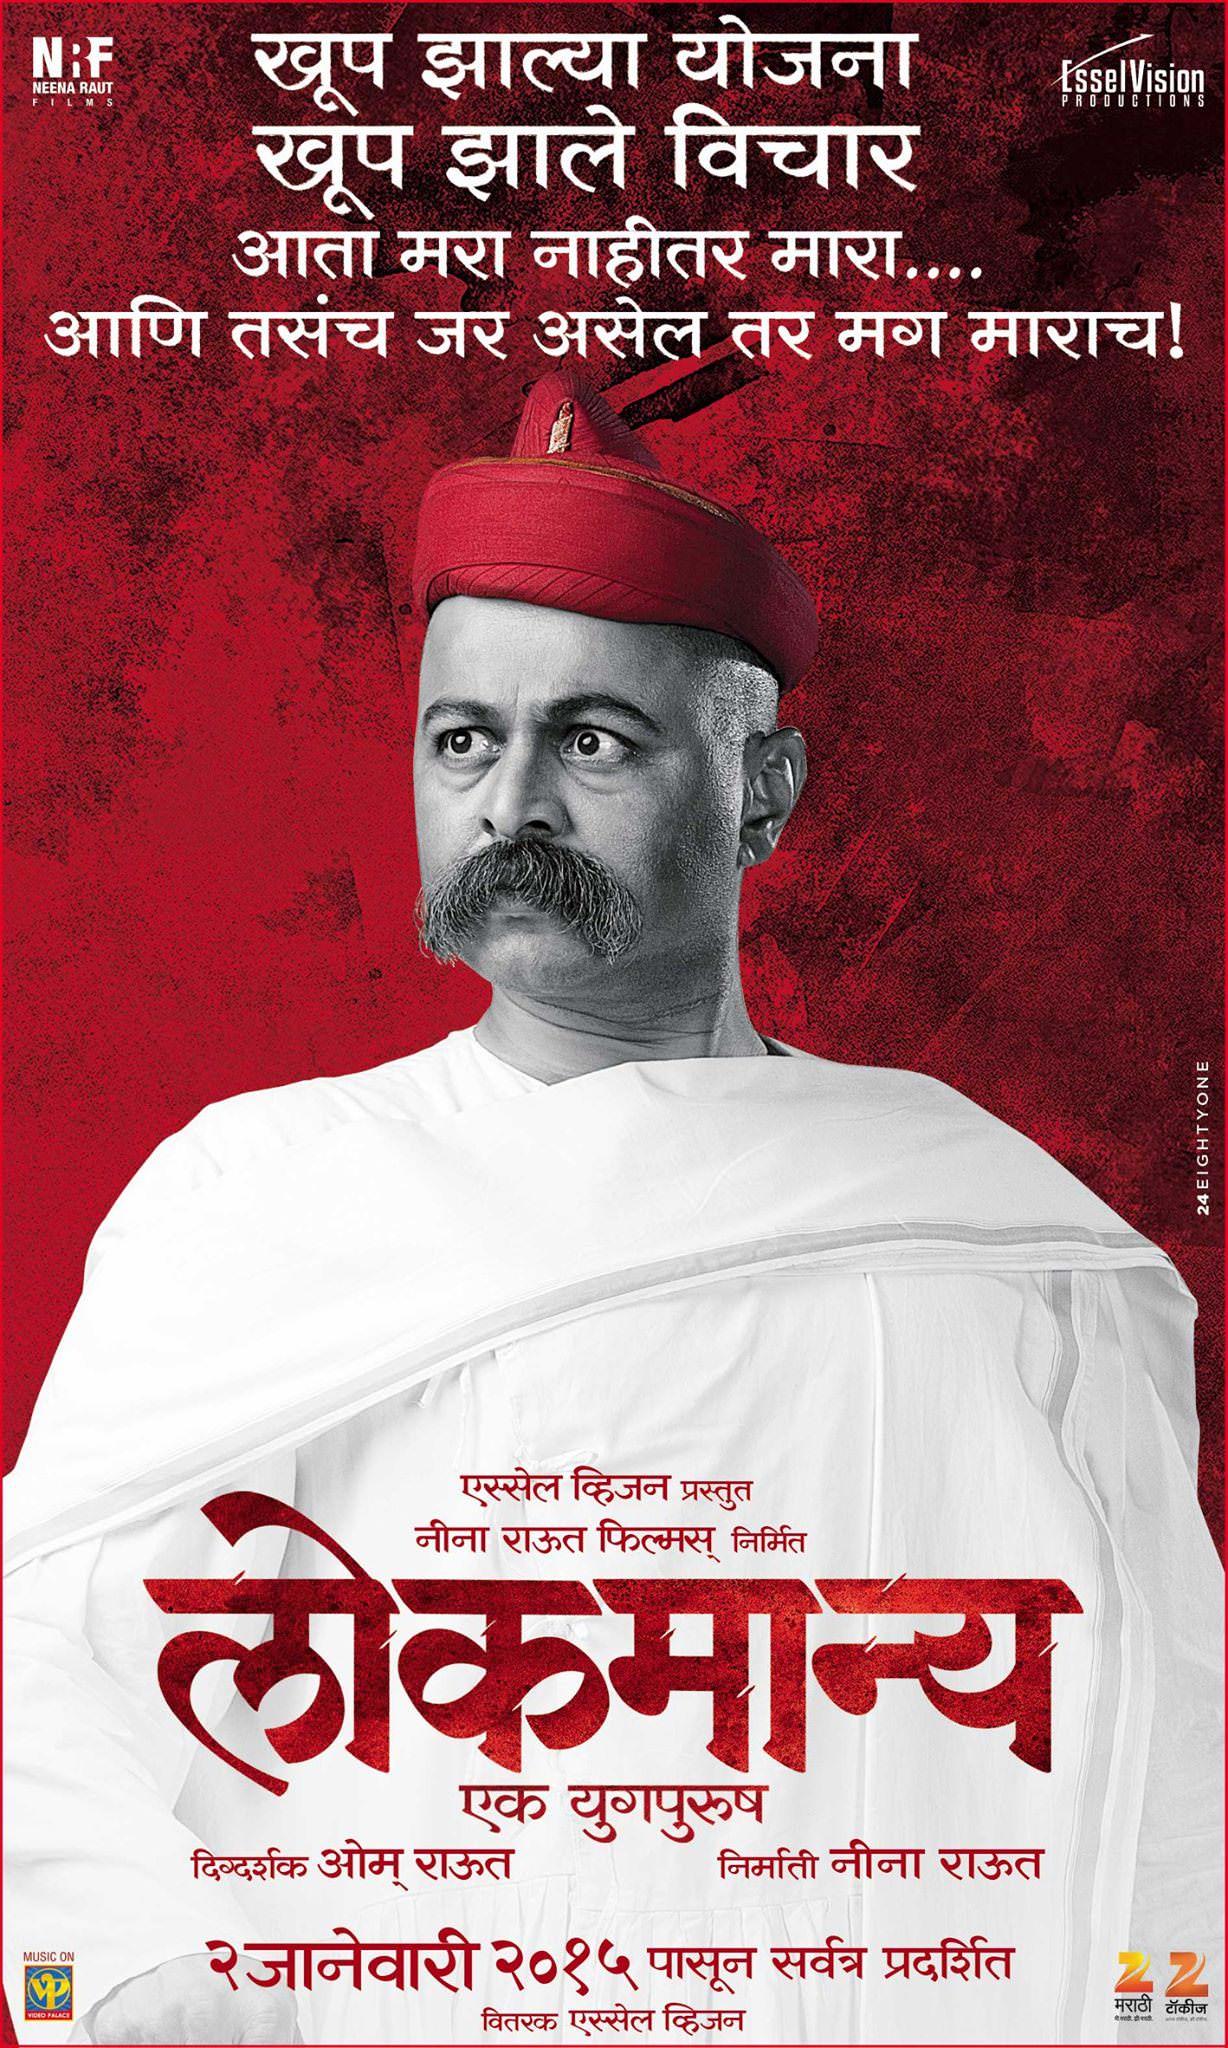 Lokmanya : Ek Yug Purush Marathi Movie Still Photos